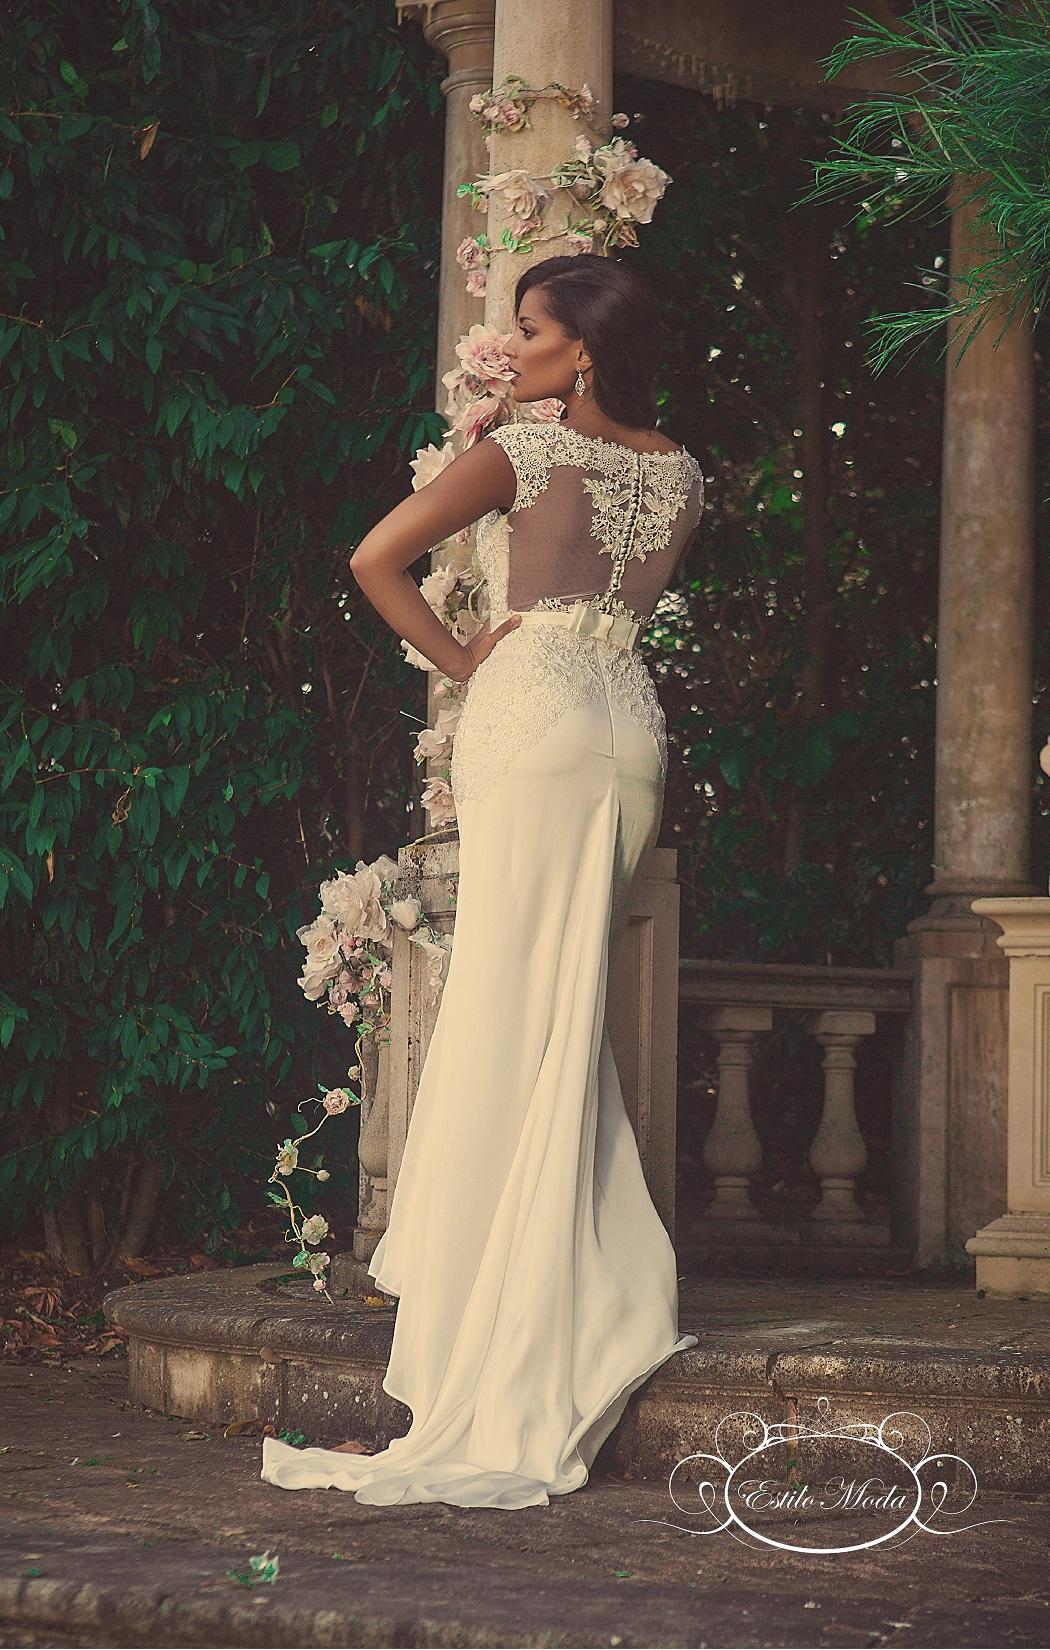 Charlotte Lace Illusion Statement Back Wedding Dress